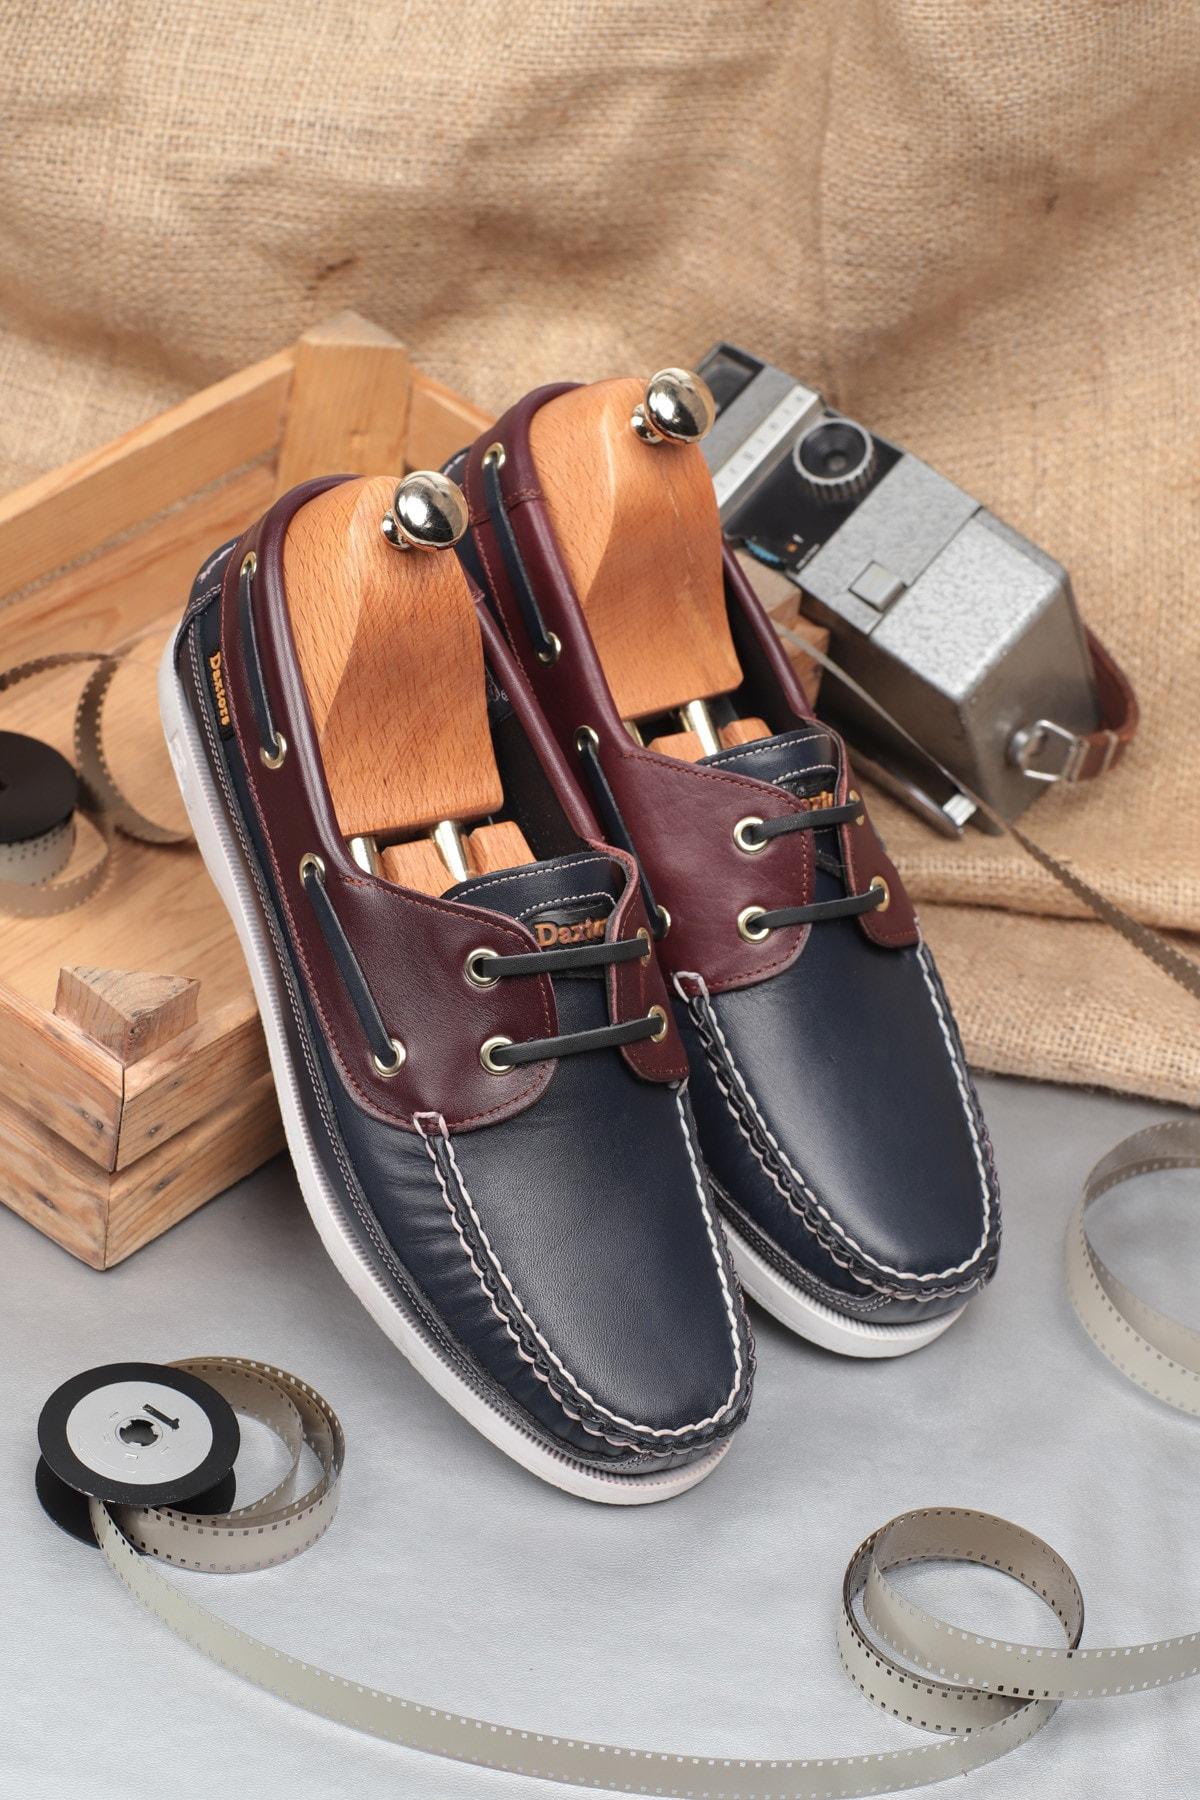 Daxtors D815 Günlük Klasik Hakiki Deri Baba Ayakkabısı 0